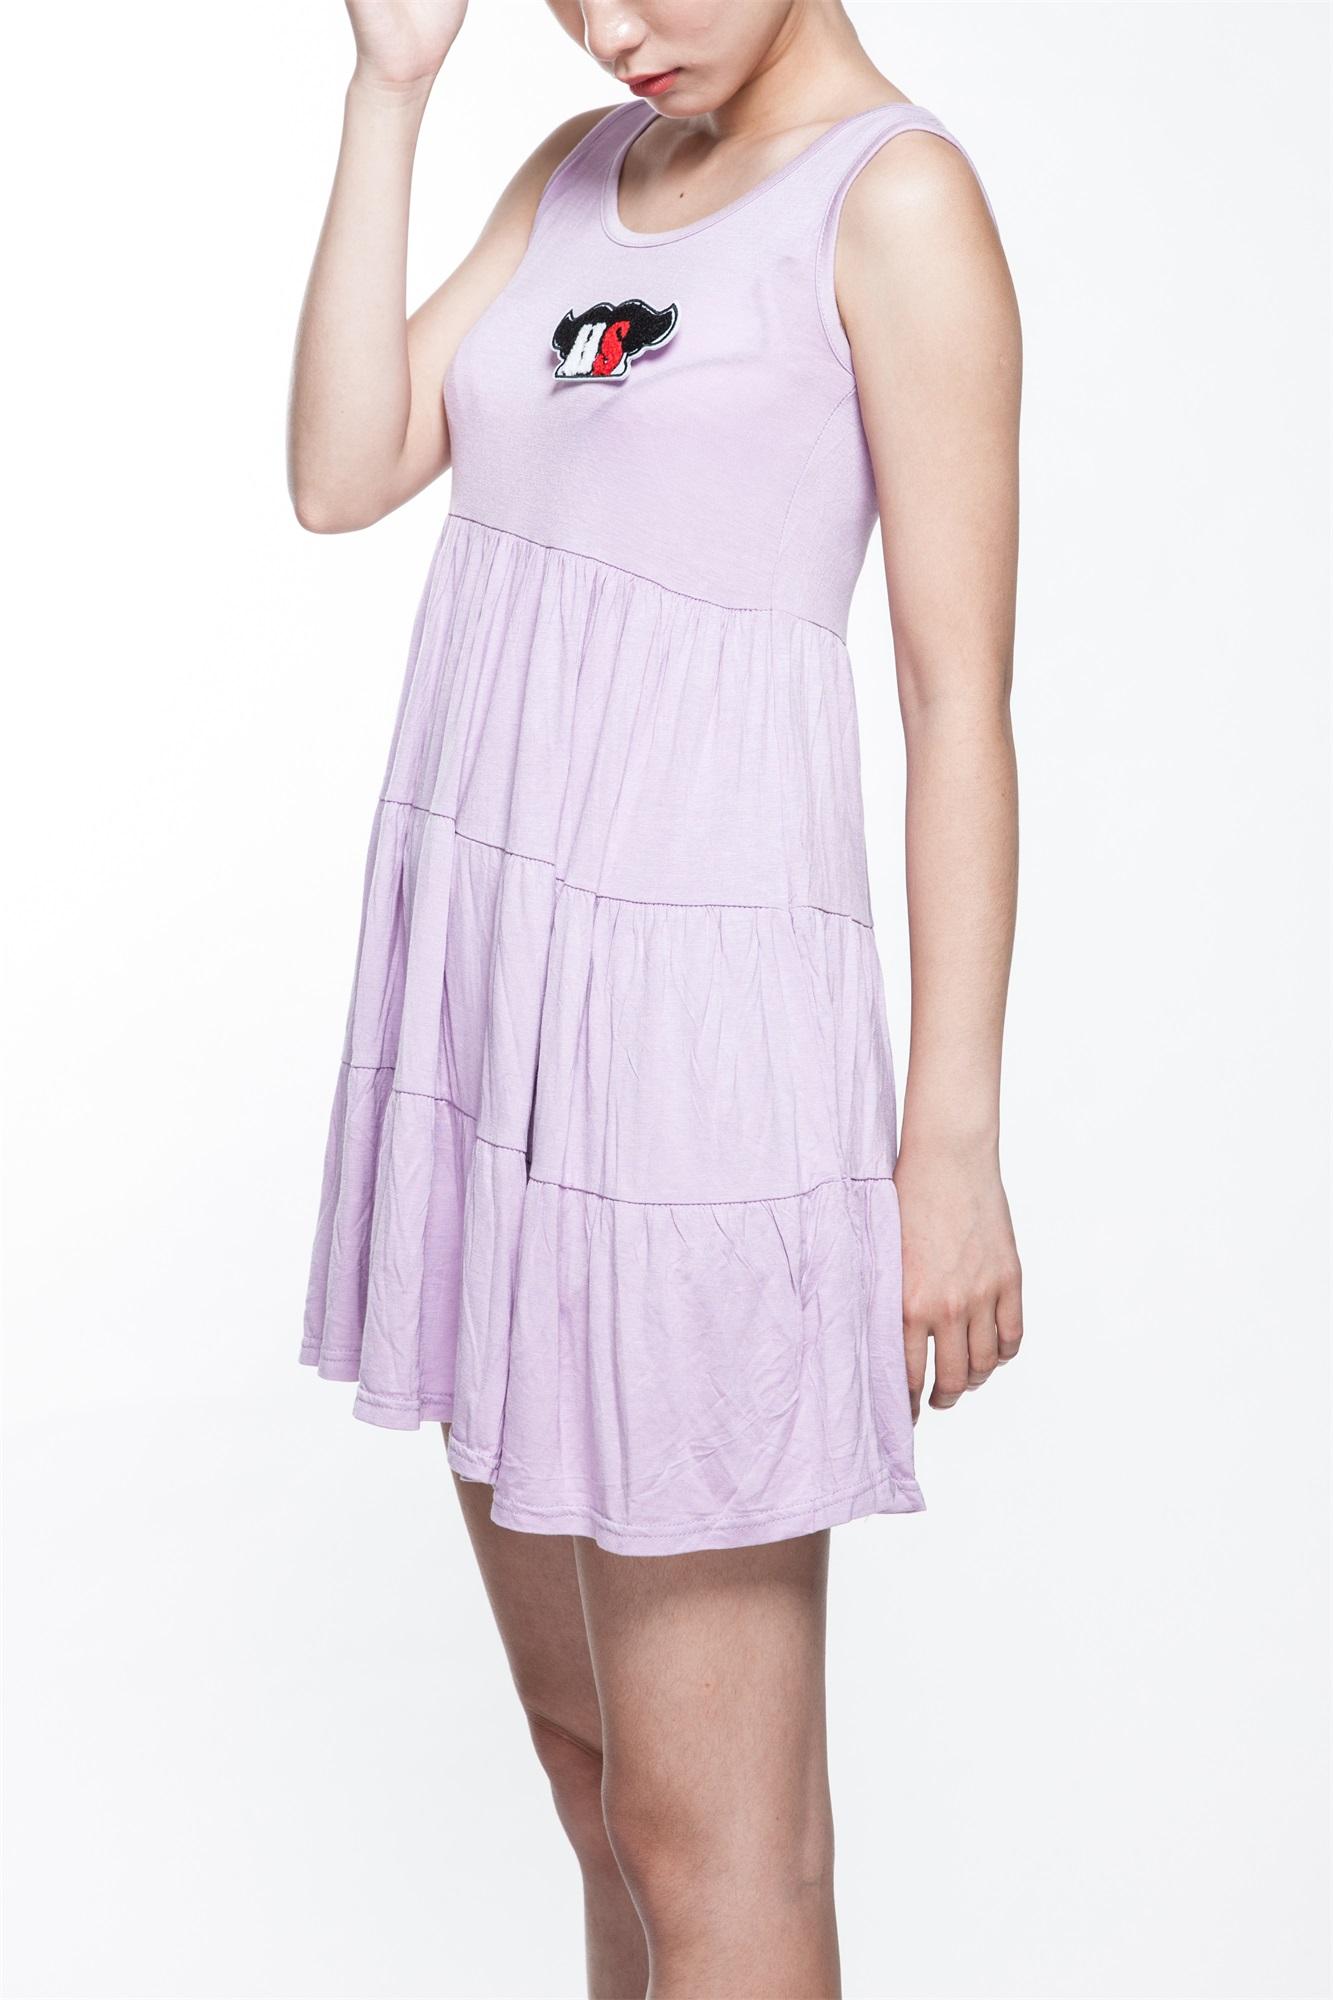 吊带连衣裙